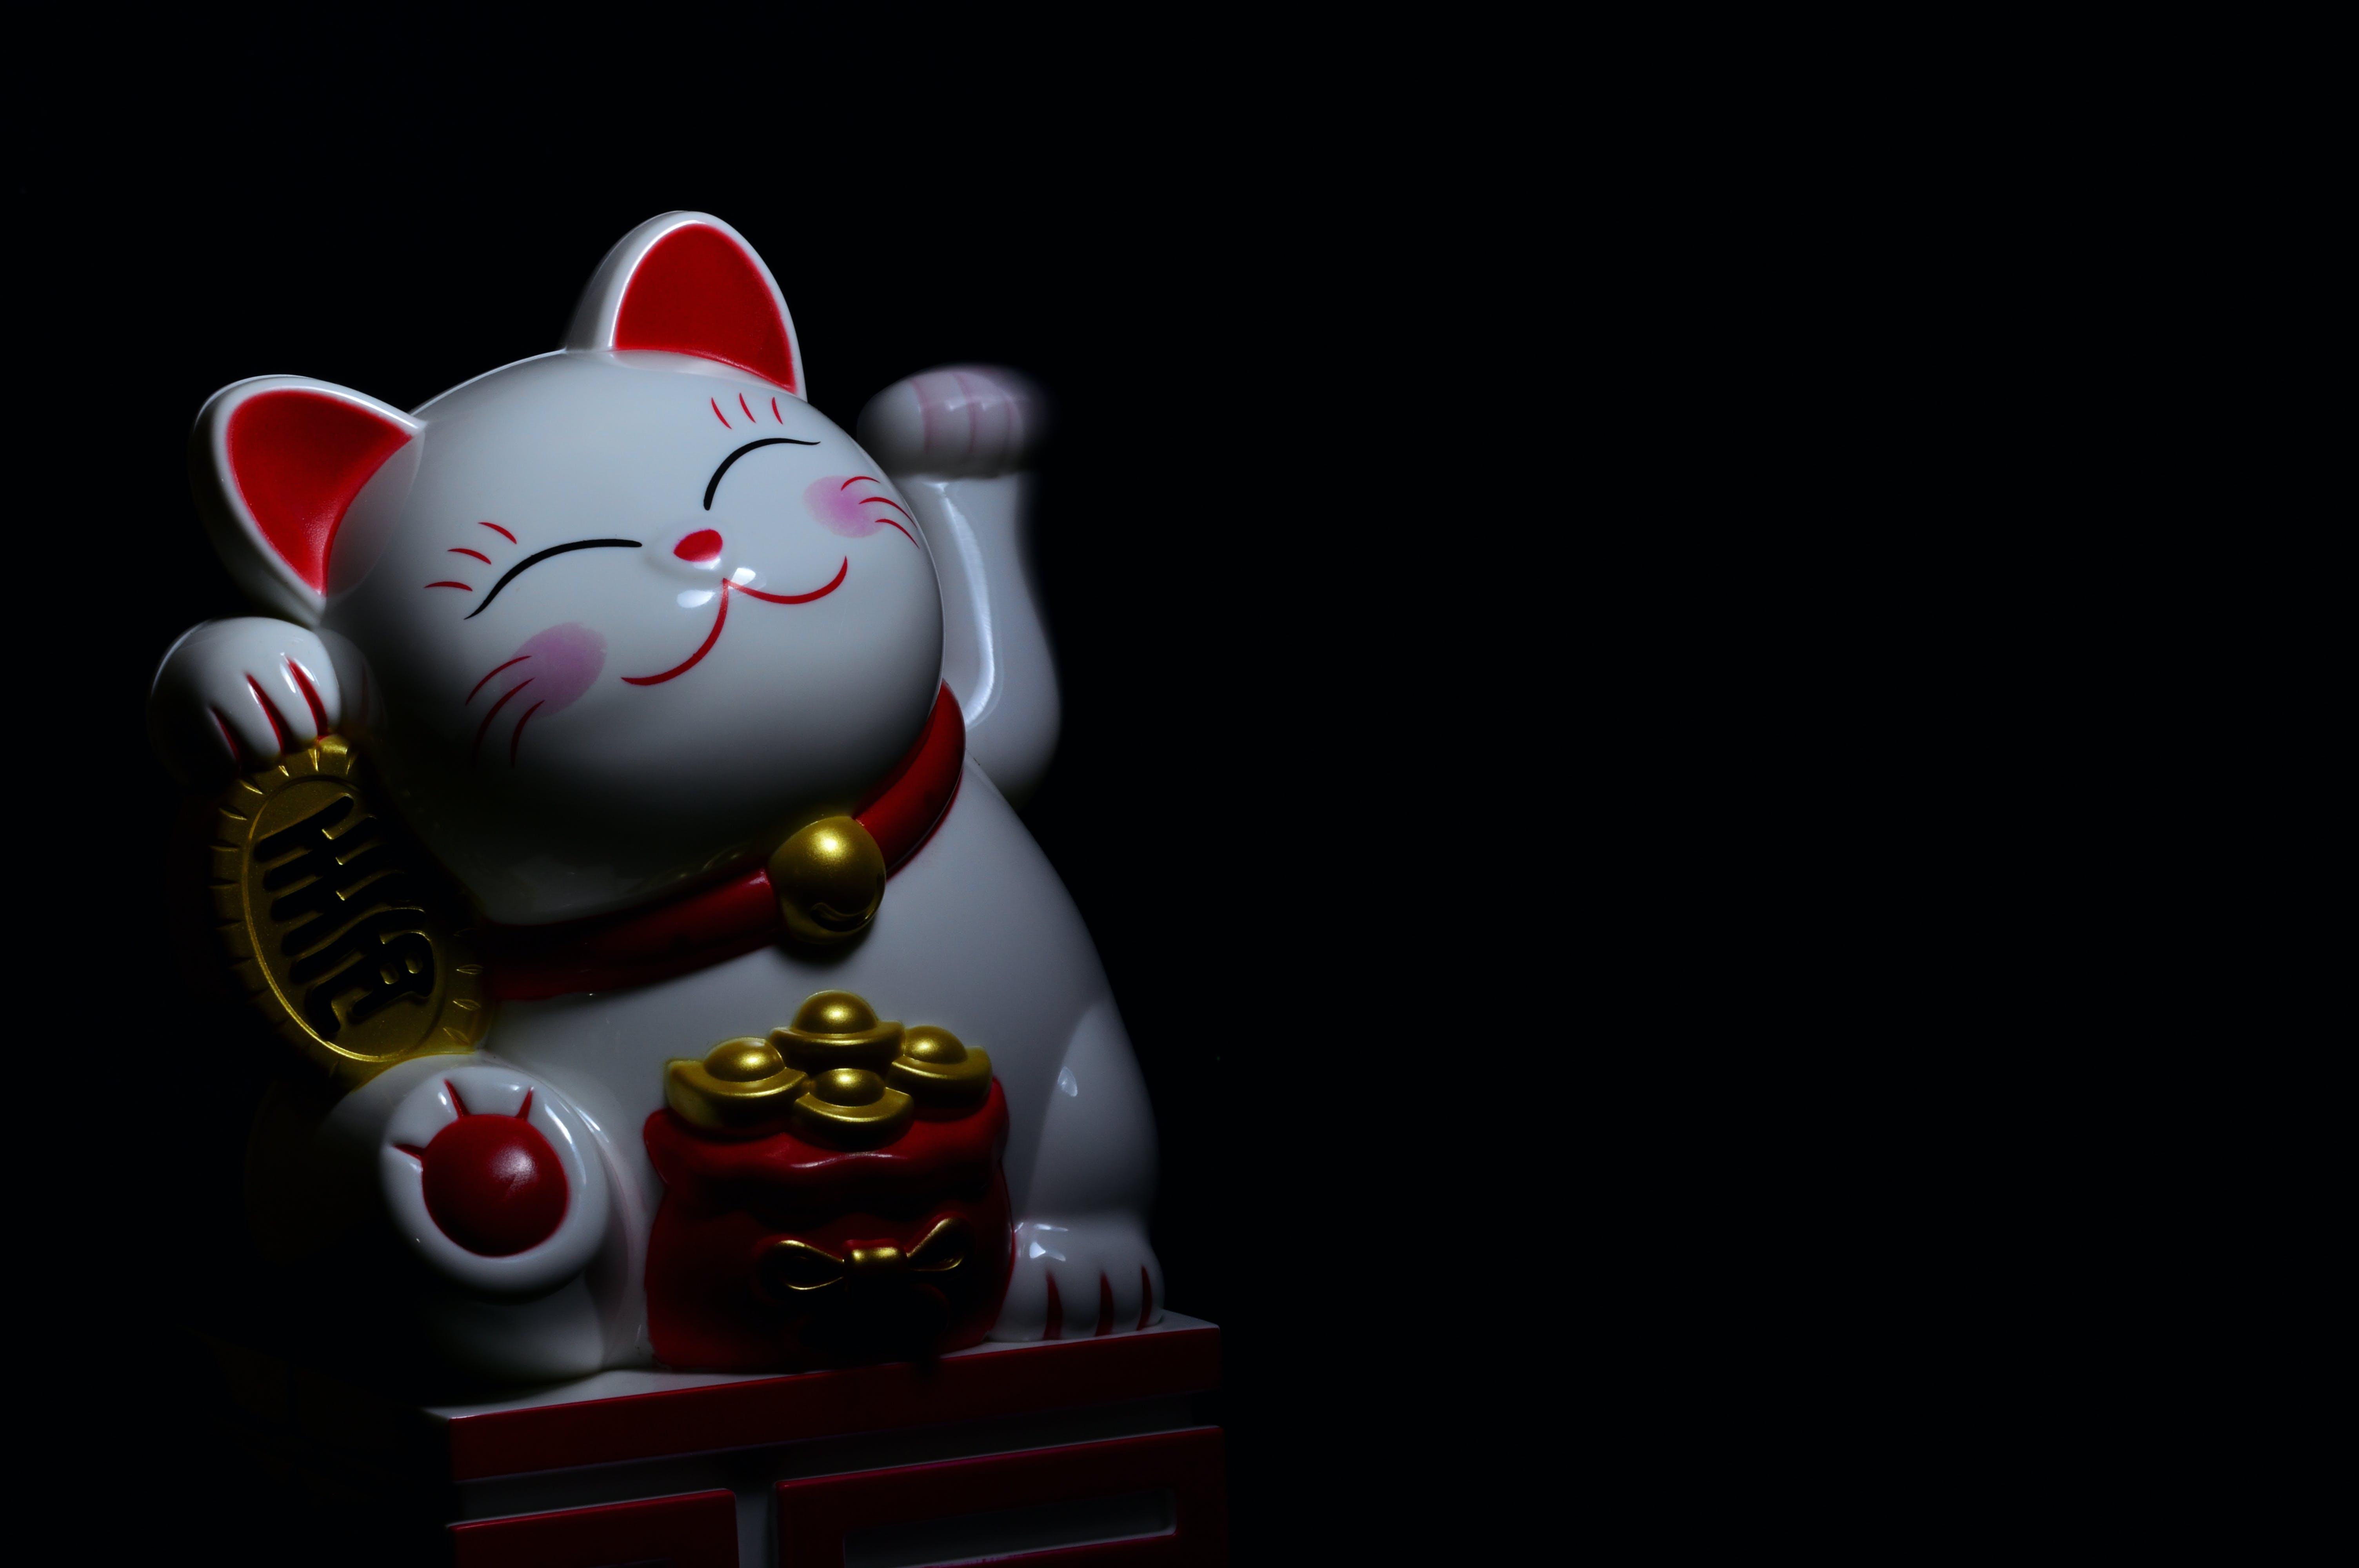 คลังภาพถ่ายฟรี ของ ของเล่น, งานเฉลิมฉลอง, ชาวจีน, ตุ๊กตา